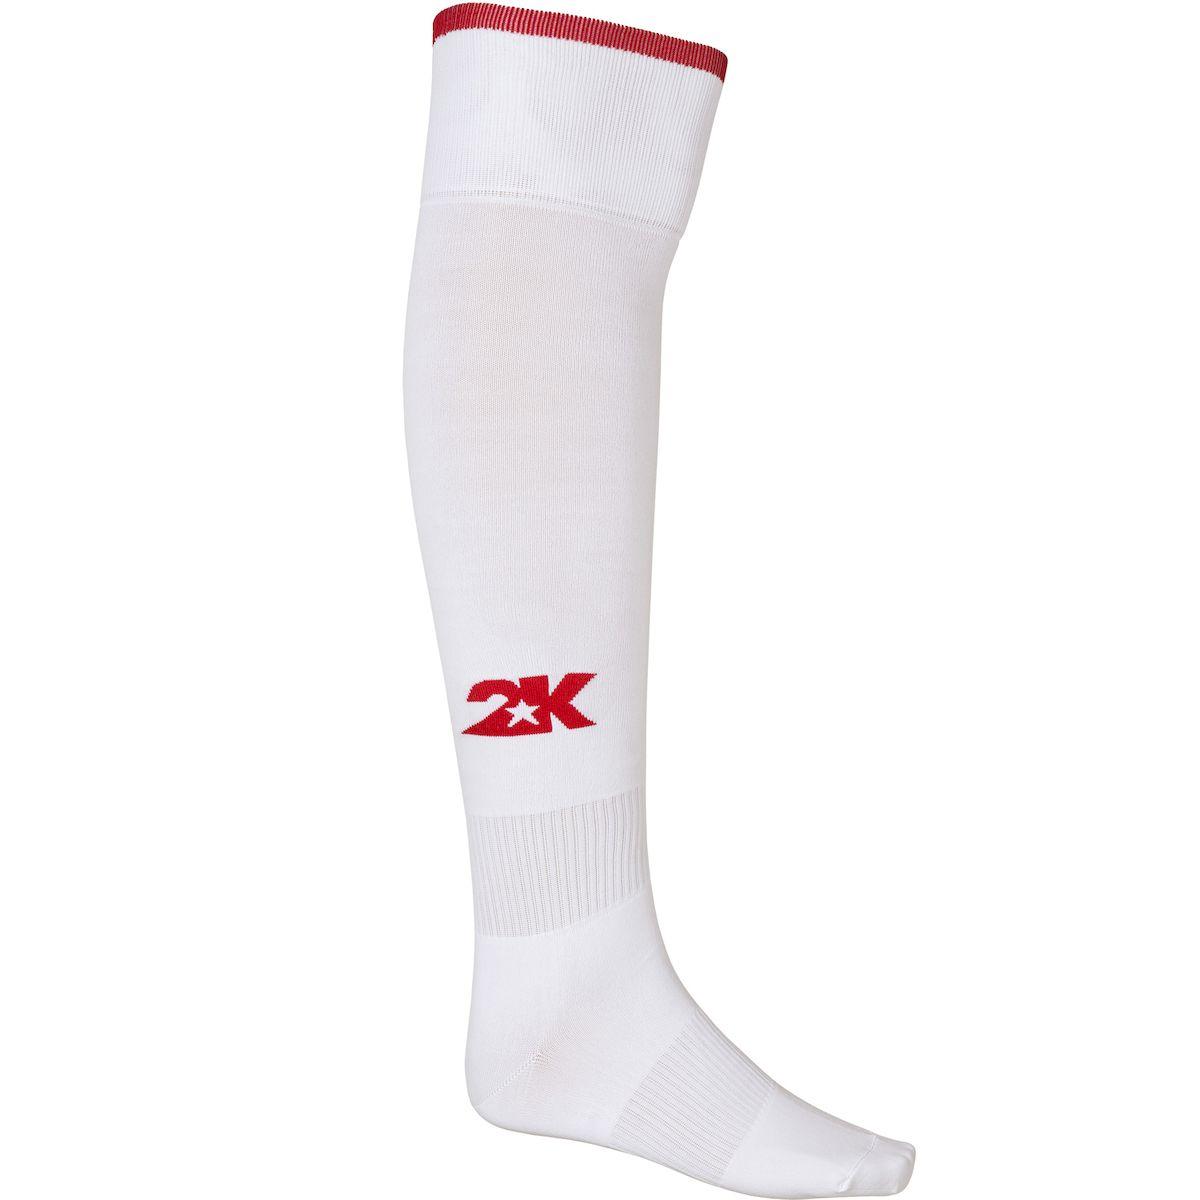 Гетры футбольные 2K Sport Classic, цвет: белый, красный. 120334. Размер 36/40120334_white/redКлассические футбольные гетры выполнены из высококачественного материала. Оформлены логотипом бренда.